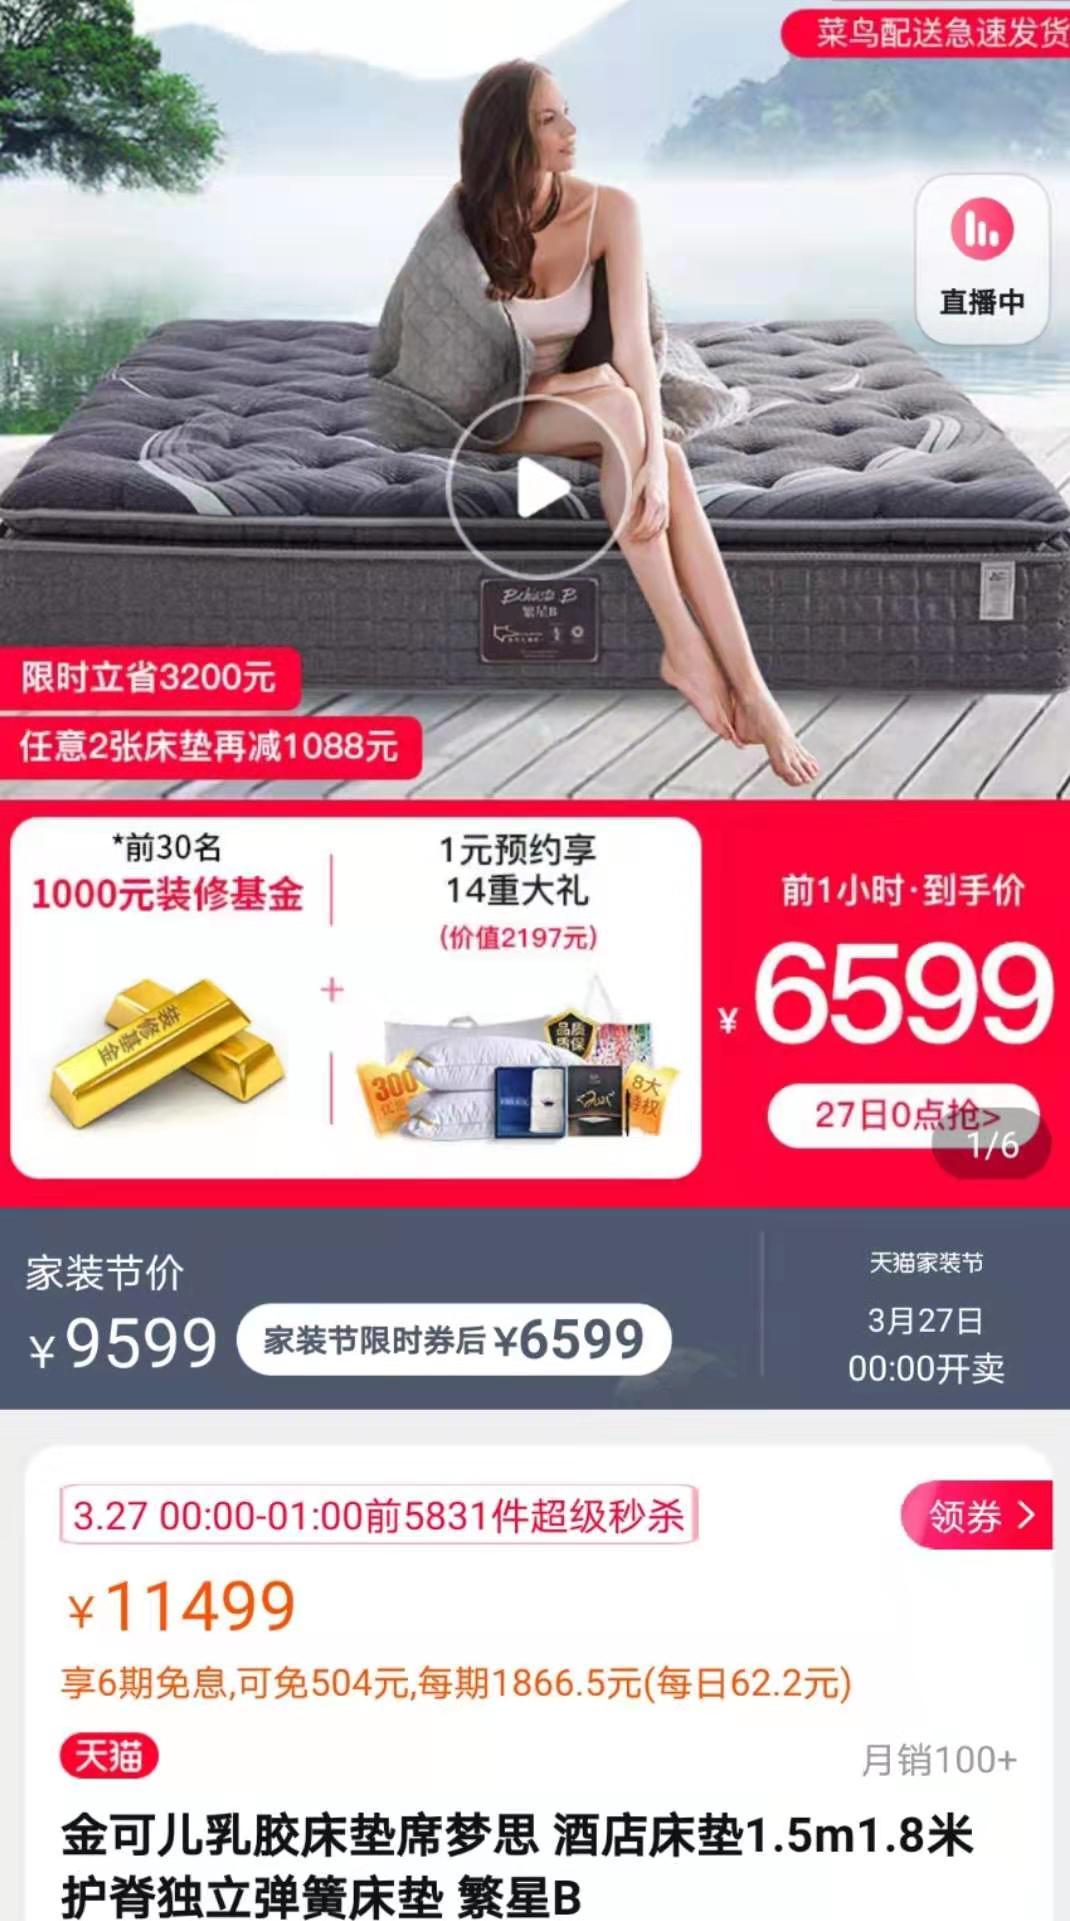 床垫选购避坑指南:床垫选不好,睡眠是大问题,购买前先看这些